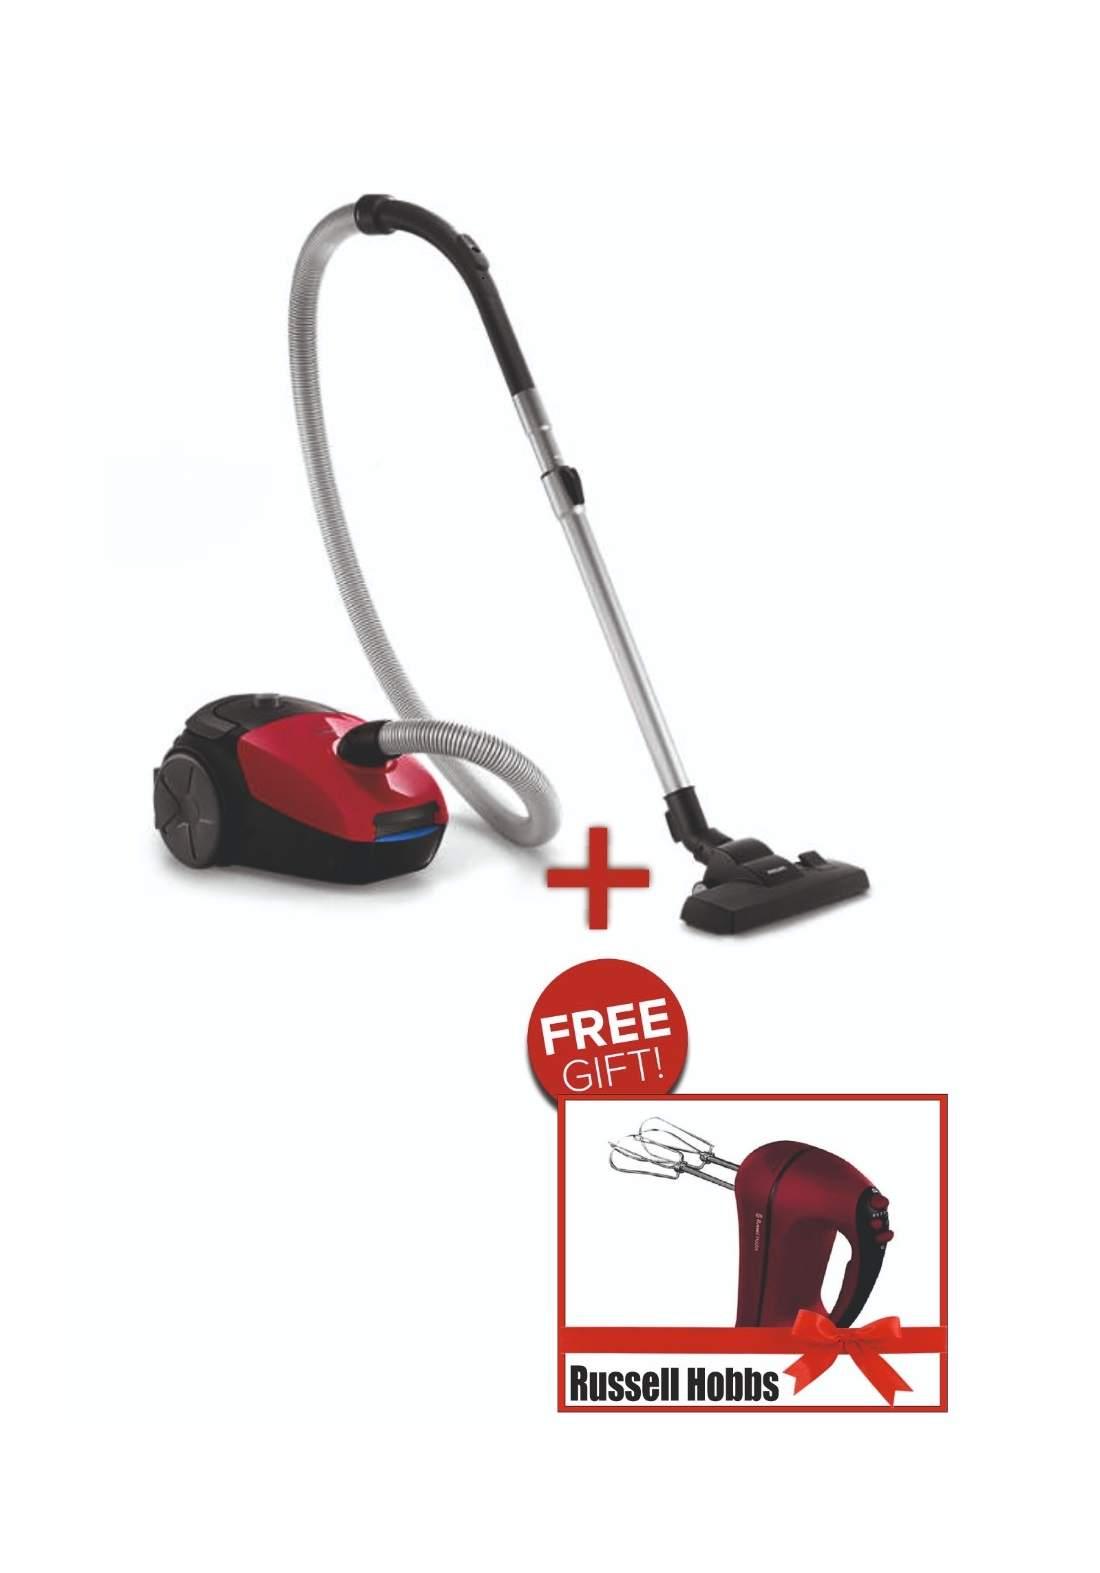 philips مكنسة كهربائية مع كيس +Gift Russell Hobbs RH18966 خفاقة يدوية